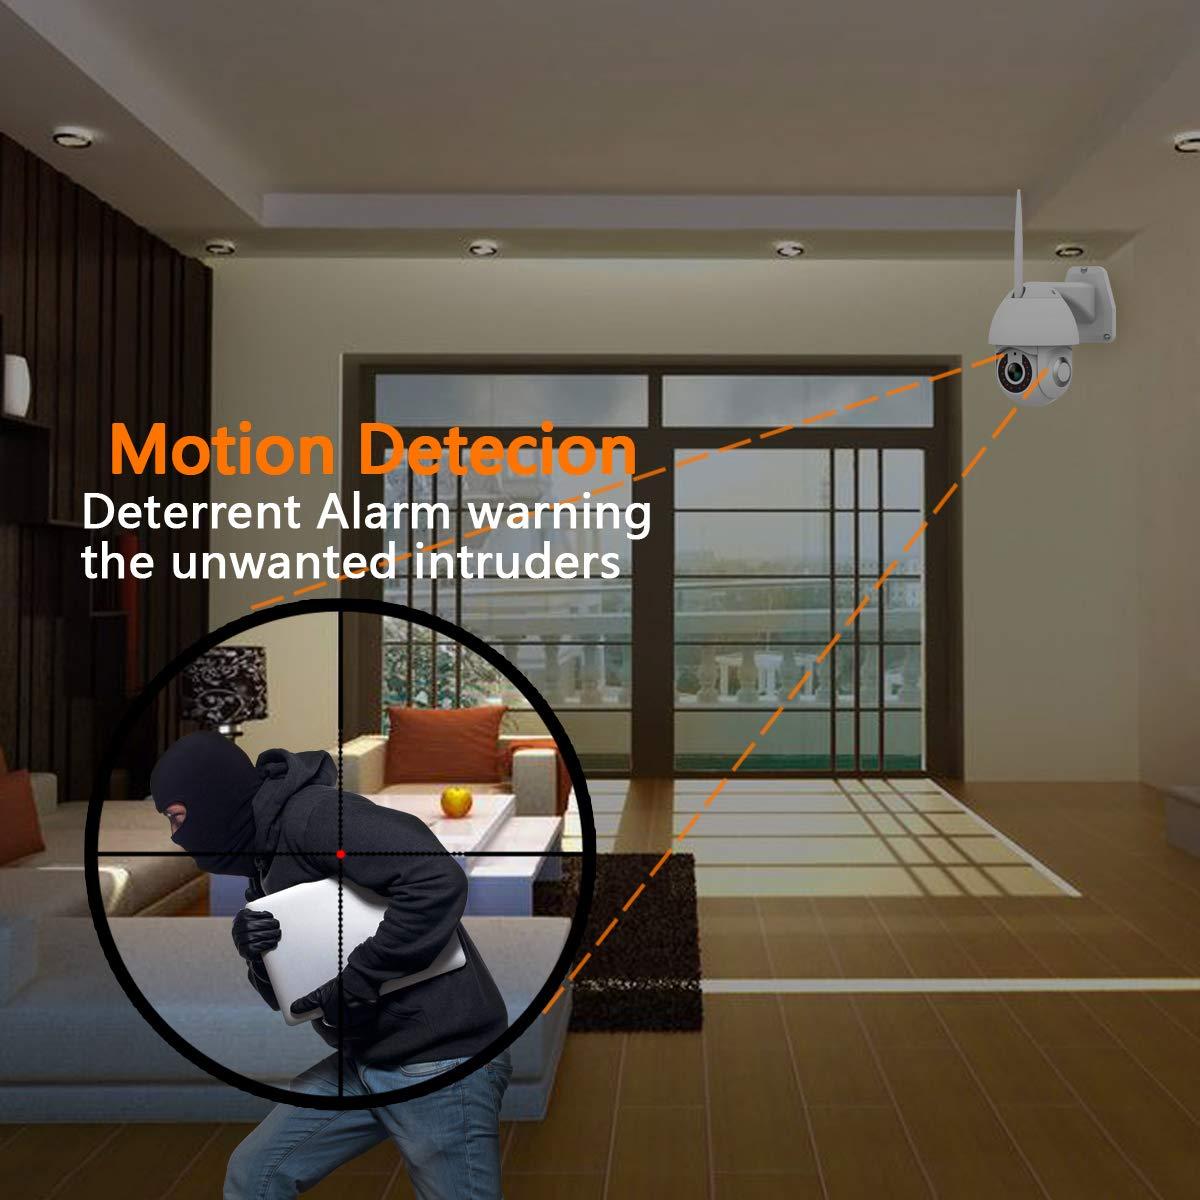 Notificaci/ón de Alarma Detecci/ón de Movimiento PTZ Camara Vigilancia 355/° Pan//90/° Tilt Visi/ón Nocturna Camara WiFi Exterior Impermeable IP66 con Audio de Dos V/ías